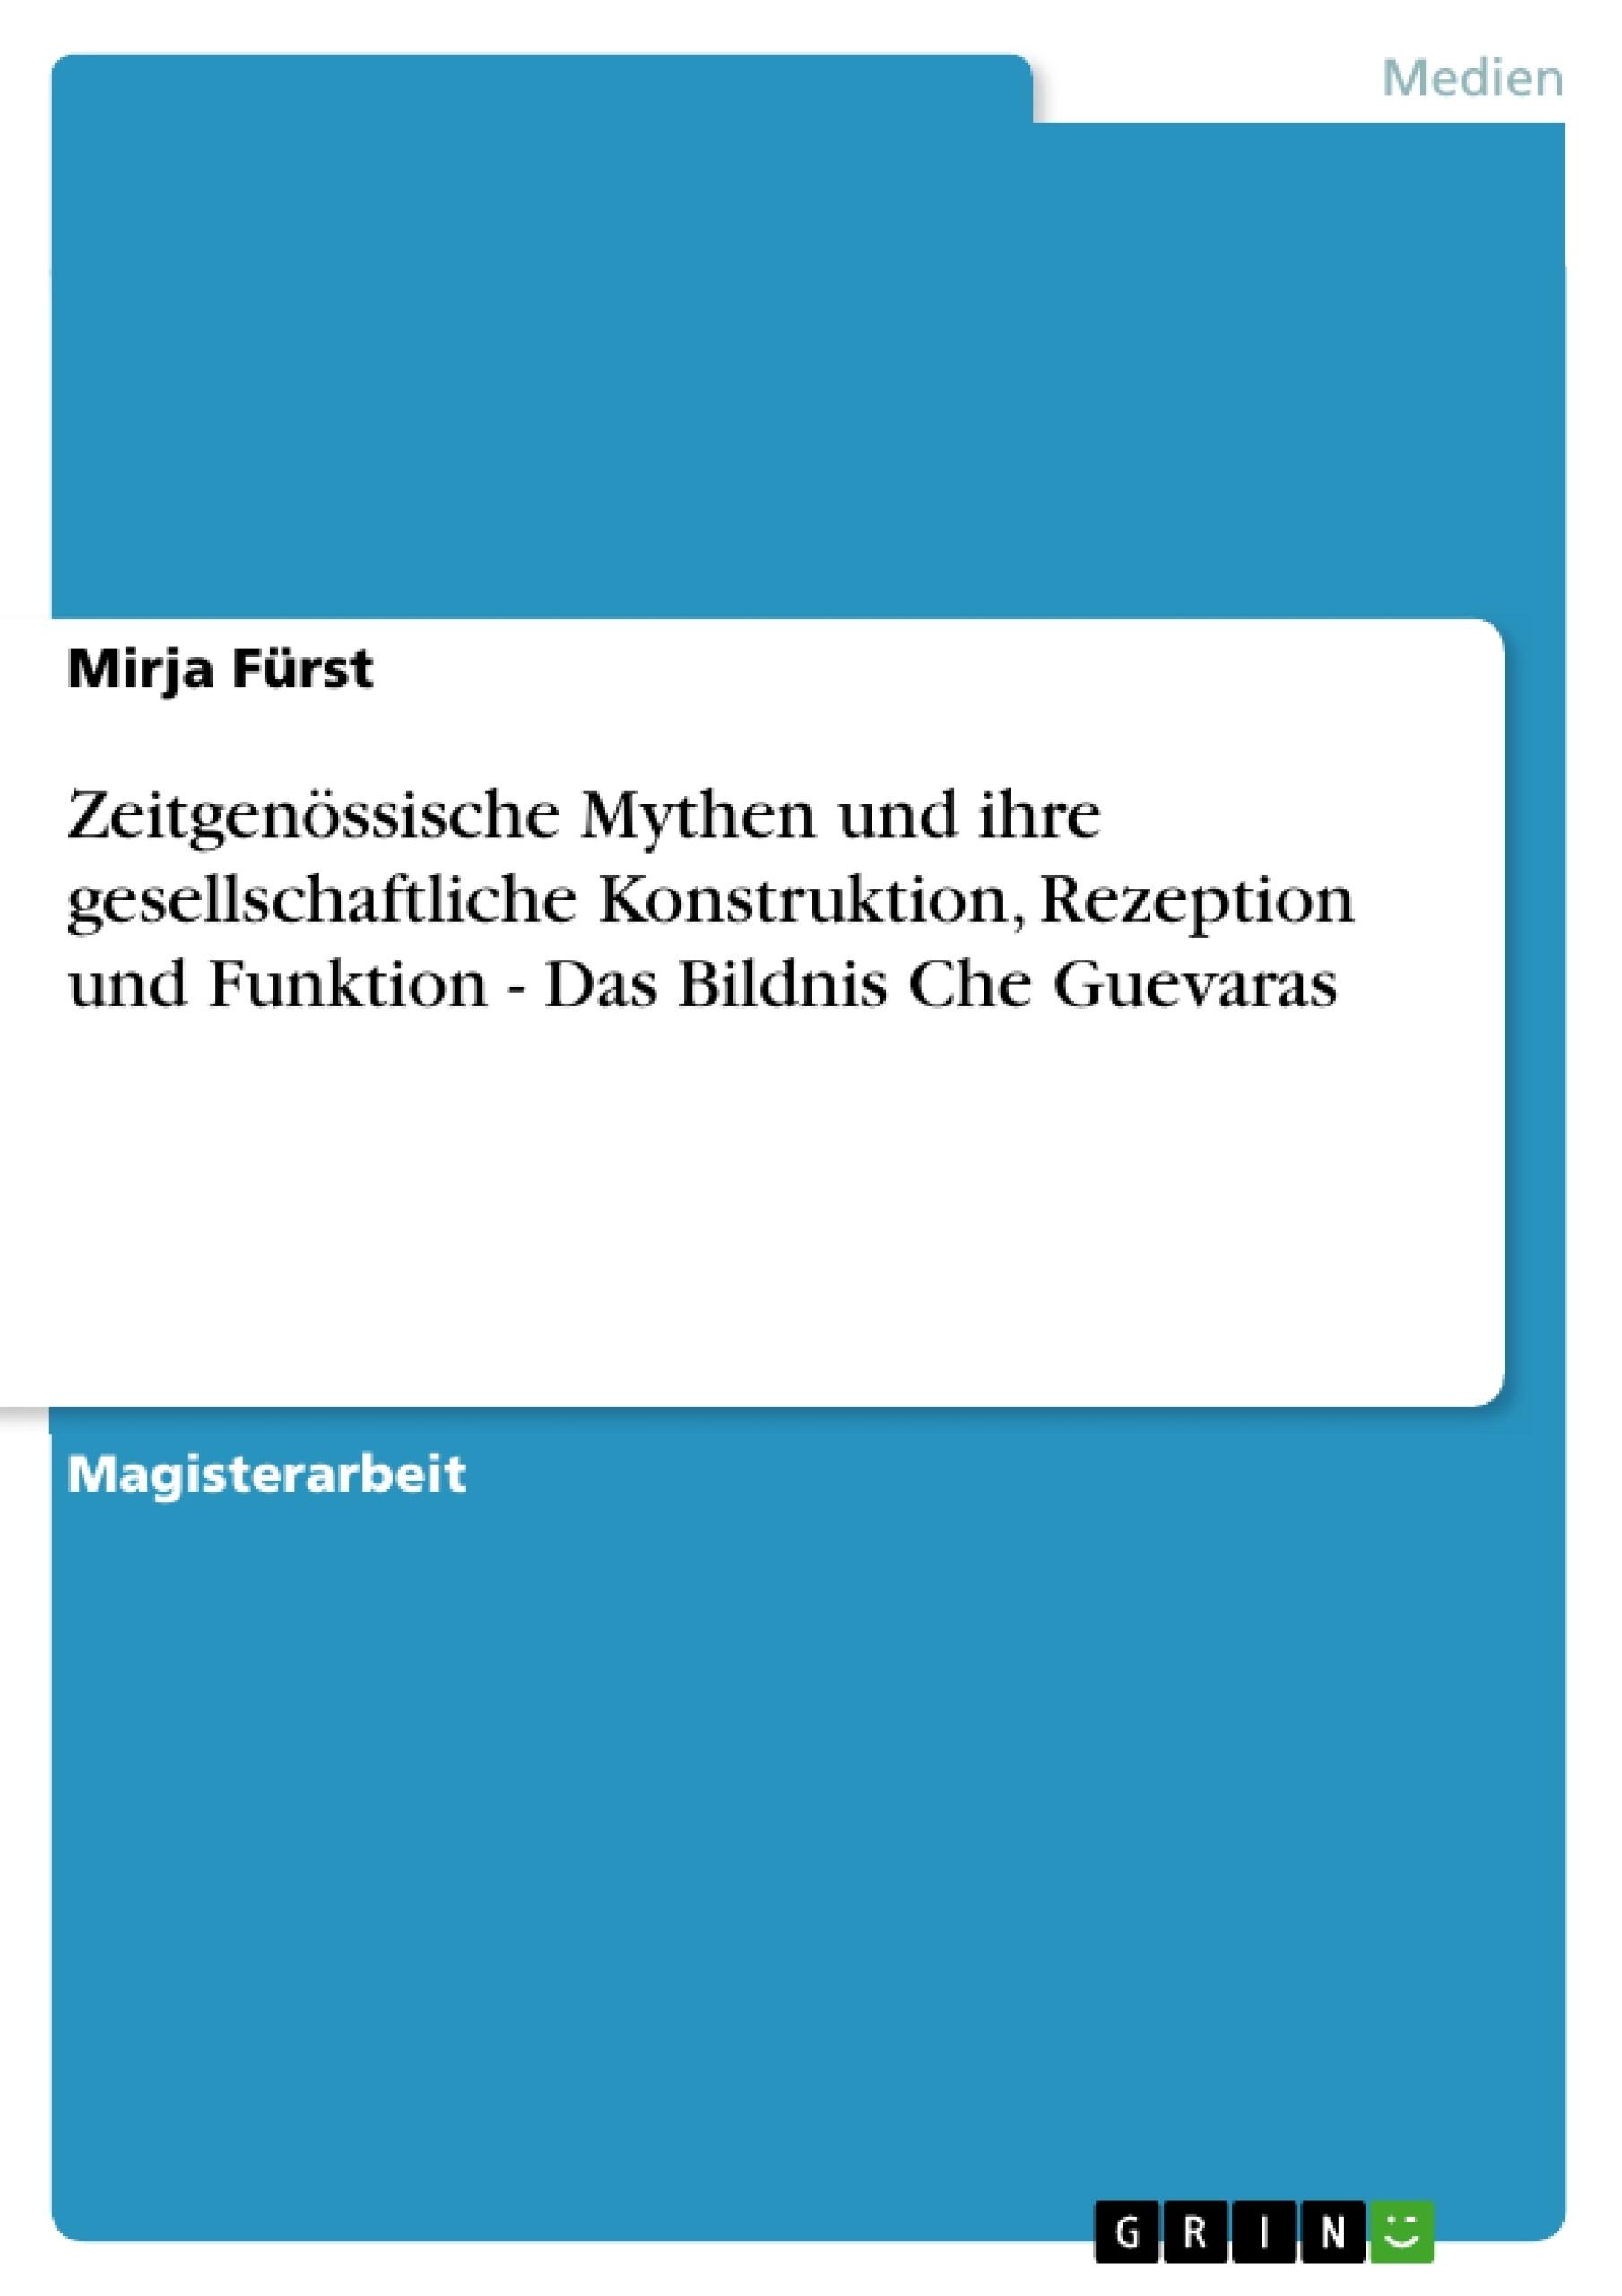 Titel: Zeitgenössische Mythen und ihre gesellschaftliche  Konstruktion, Rezeption und Funktion - Das Bildnis Che Guevaras